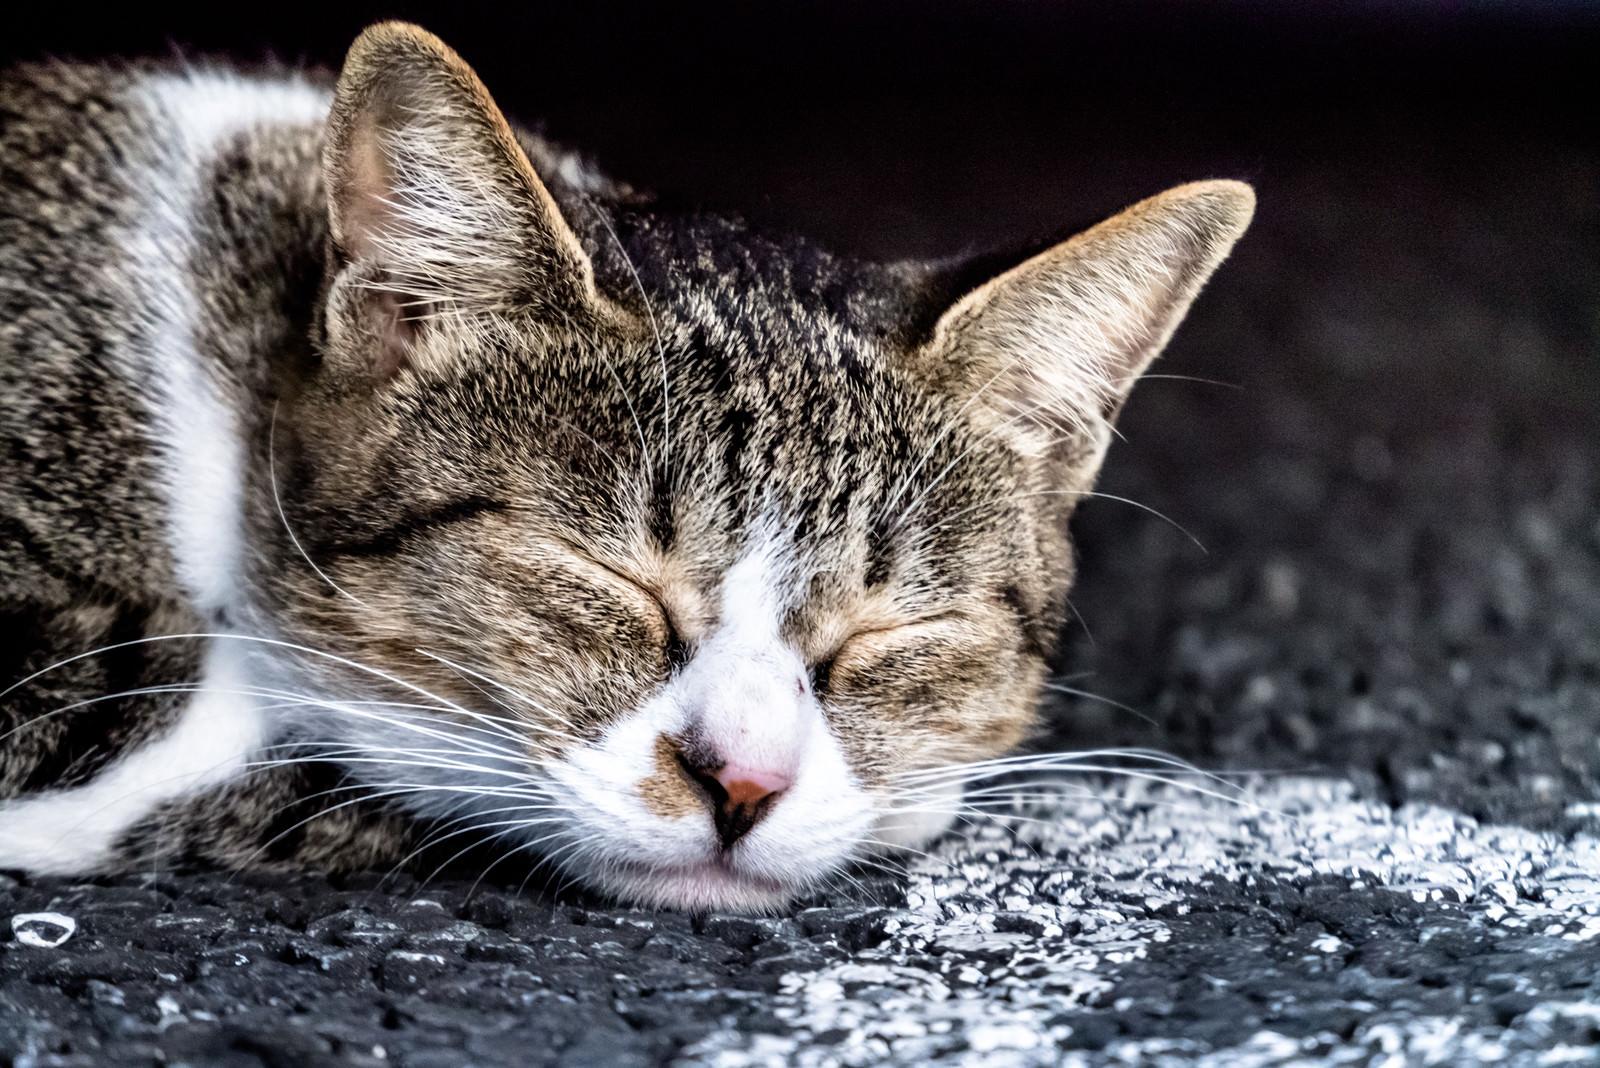 「路上で爆睡するネッコ」の写真